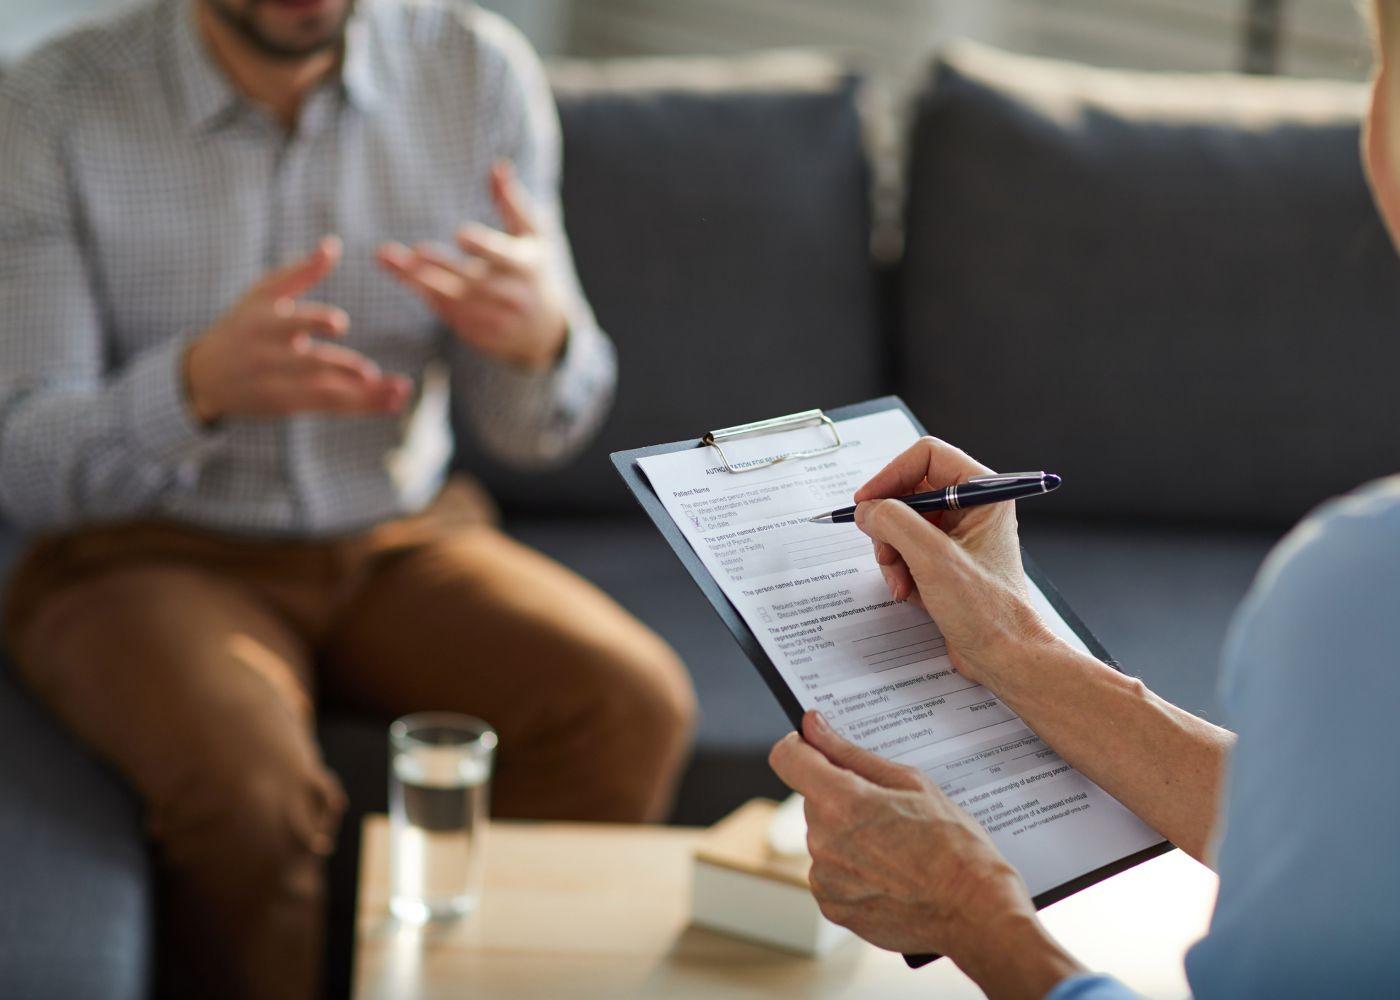 trabalhador a falar com psicólogo no trabalho